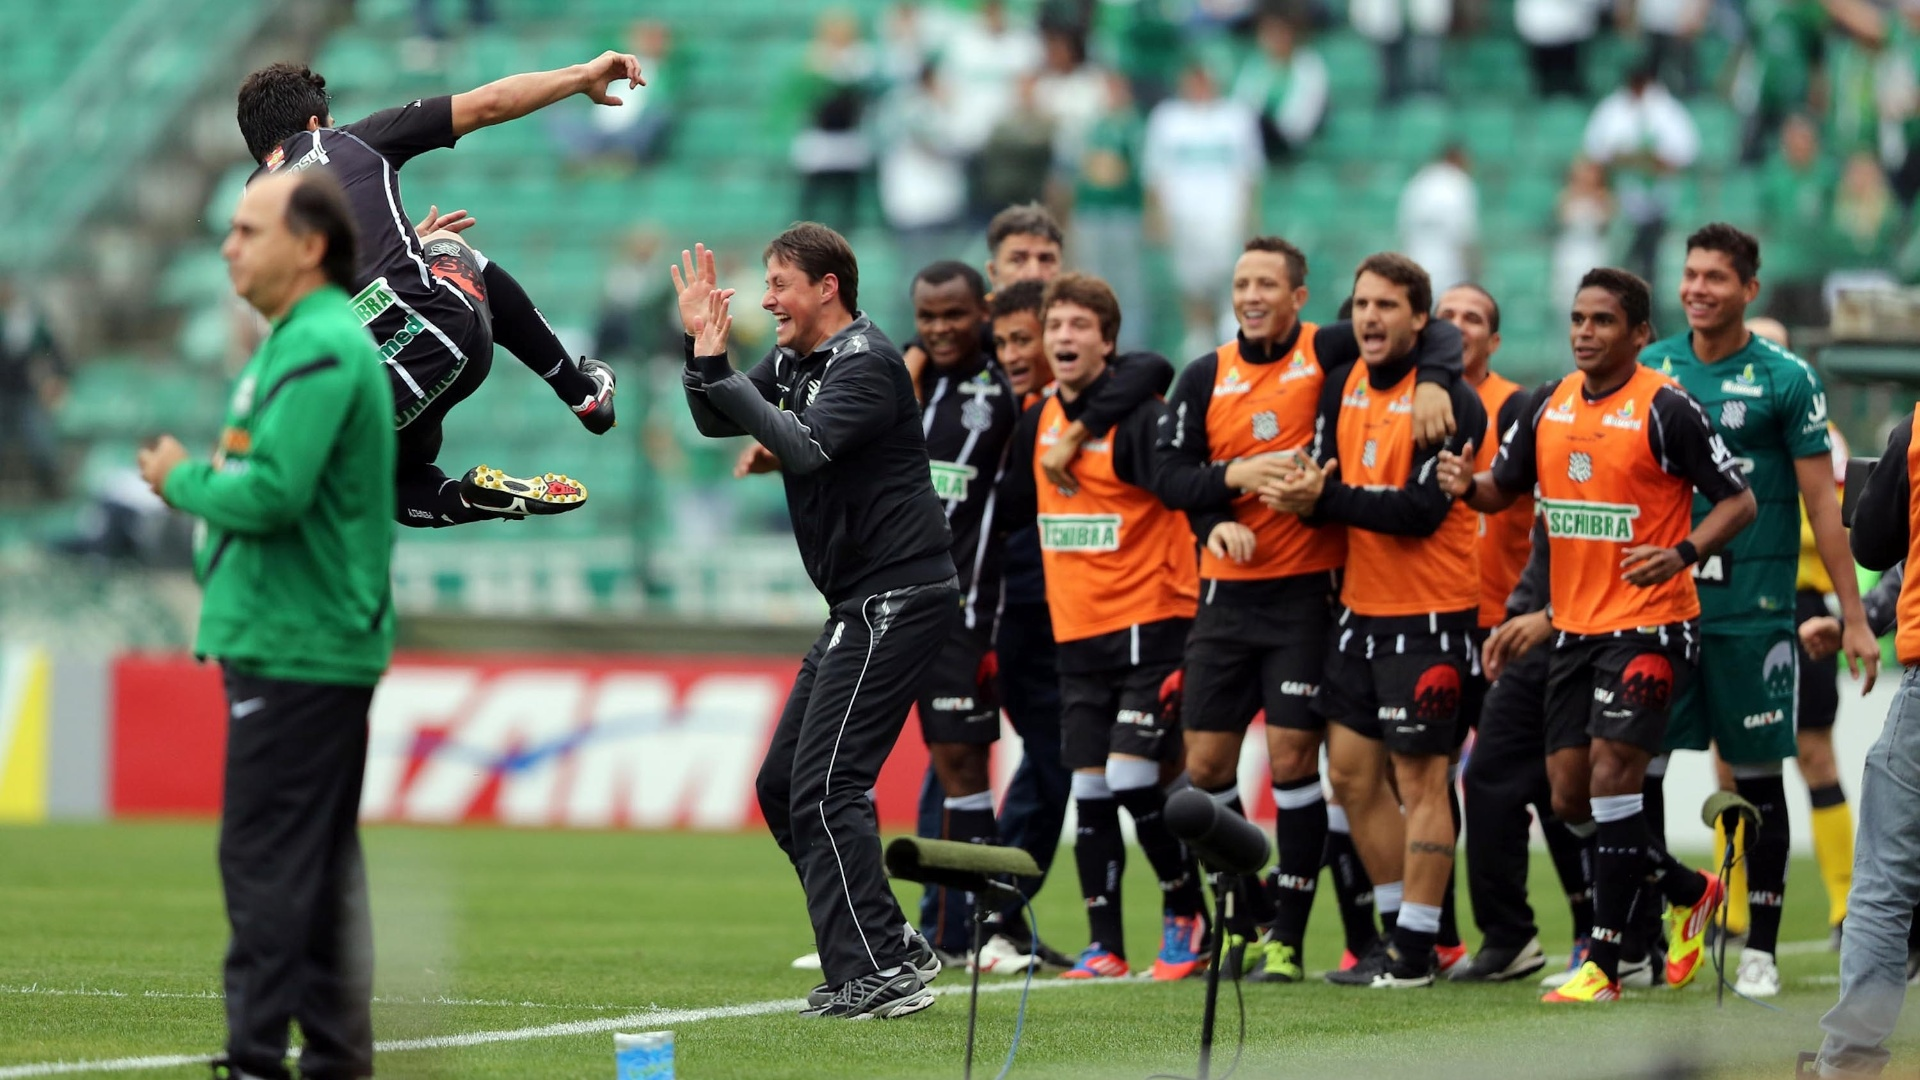 Jogadores do Figueirense comemoram gol na partida contra o Coritiba pelo Brasileirão